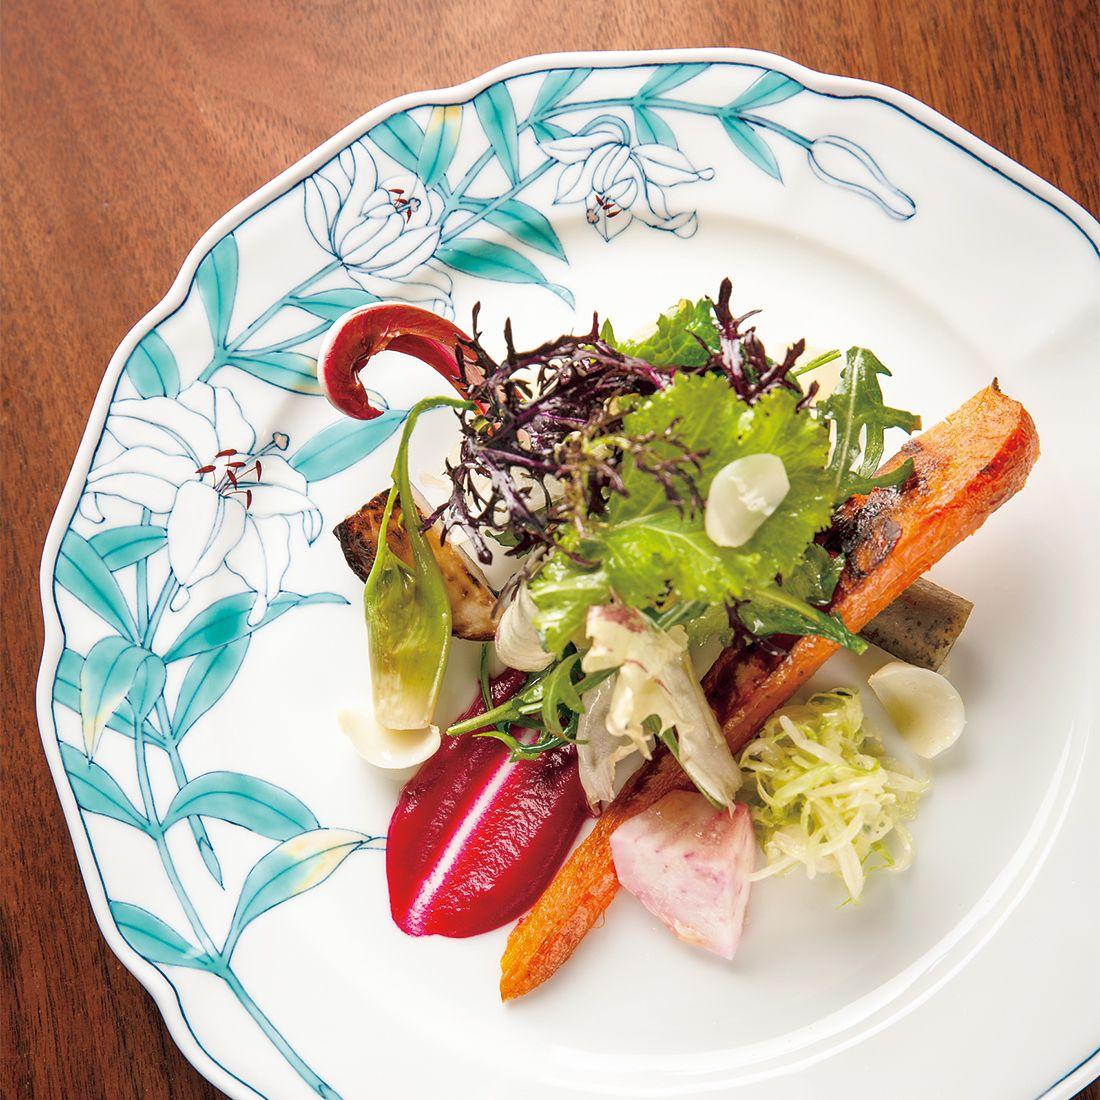 有機野菜10種以上をローストやマリネしたり、野菜に合った調理法で旬の風味を楽しませてくれる前菜